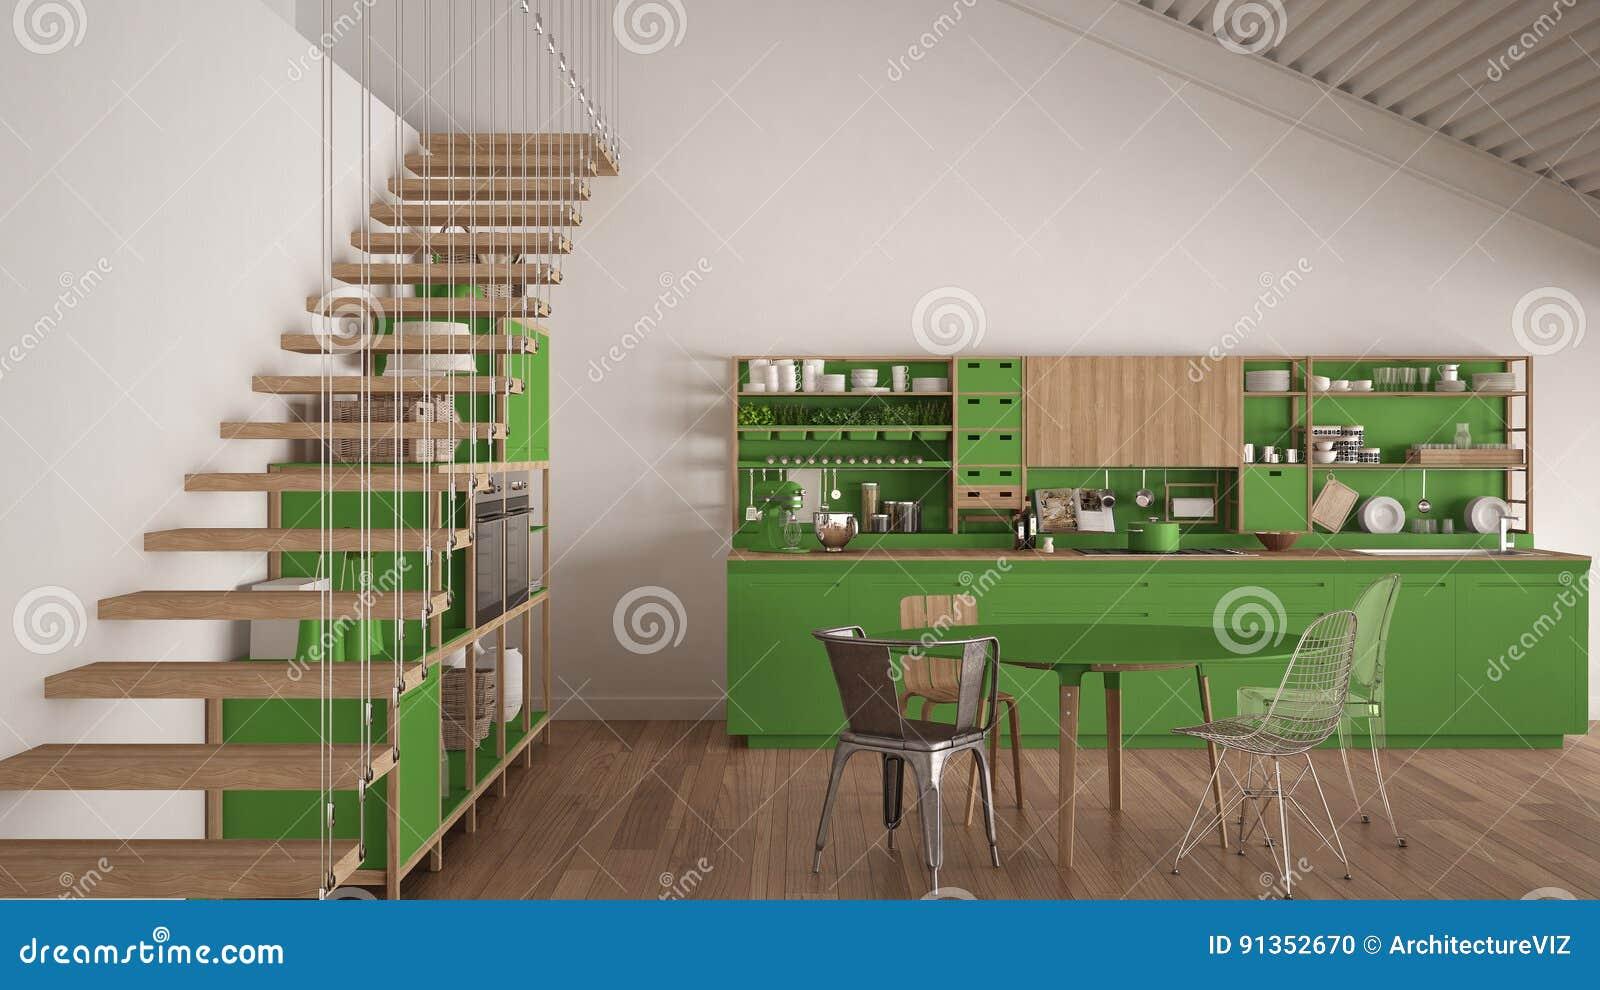 cuisine en bois blanche et verte minimaliste, grenier avec des